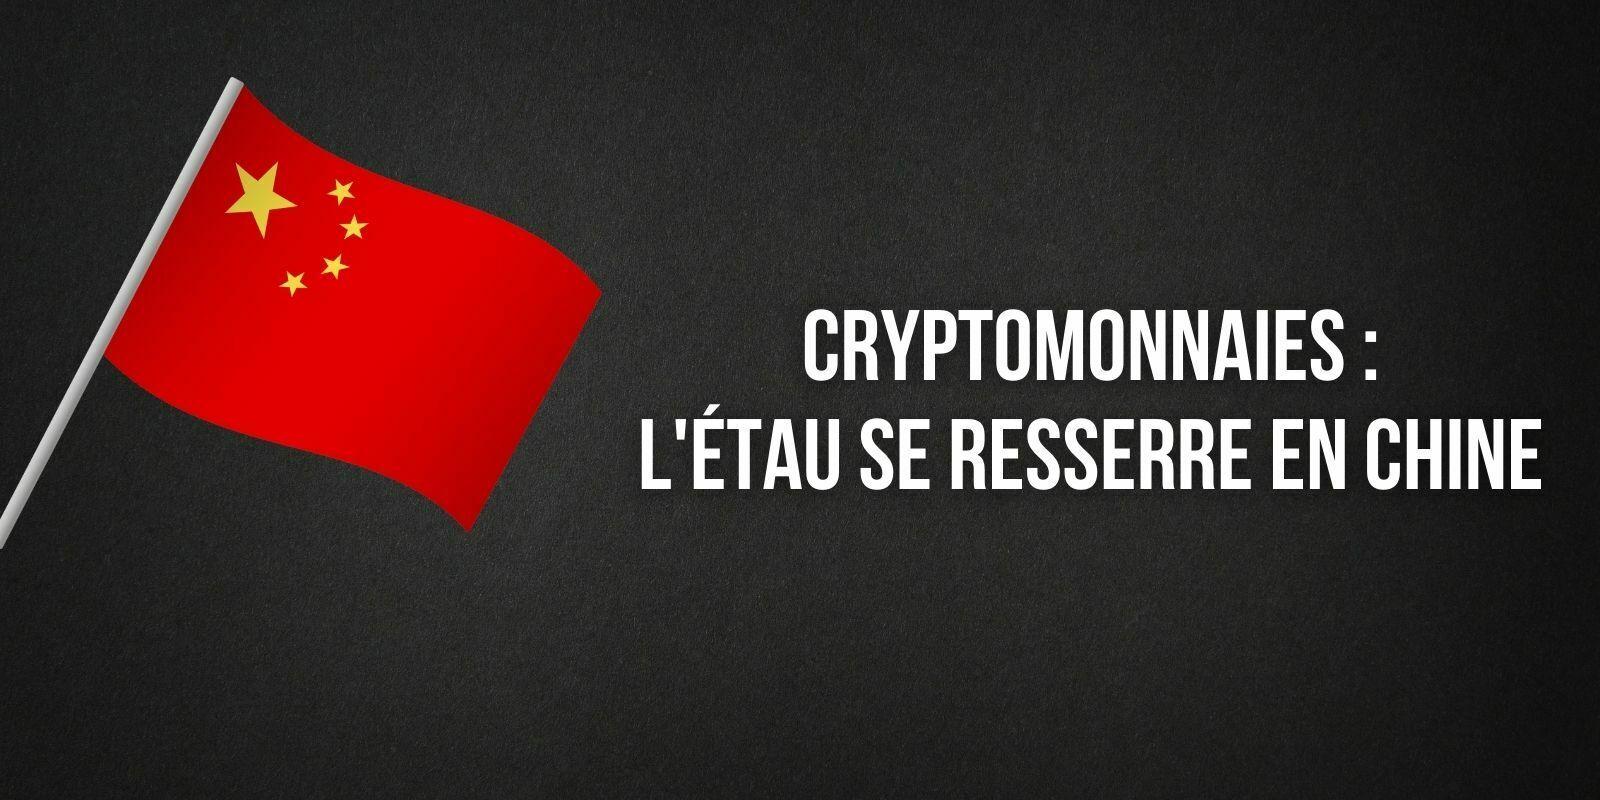 La Chine intensifie sa répression des cryptomonnaies et provoque une chute du cours du Bitcoin